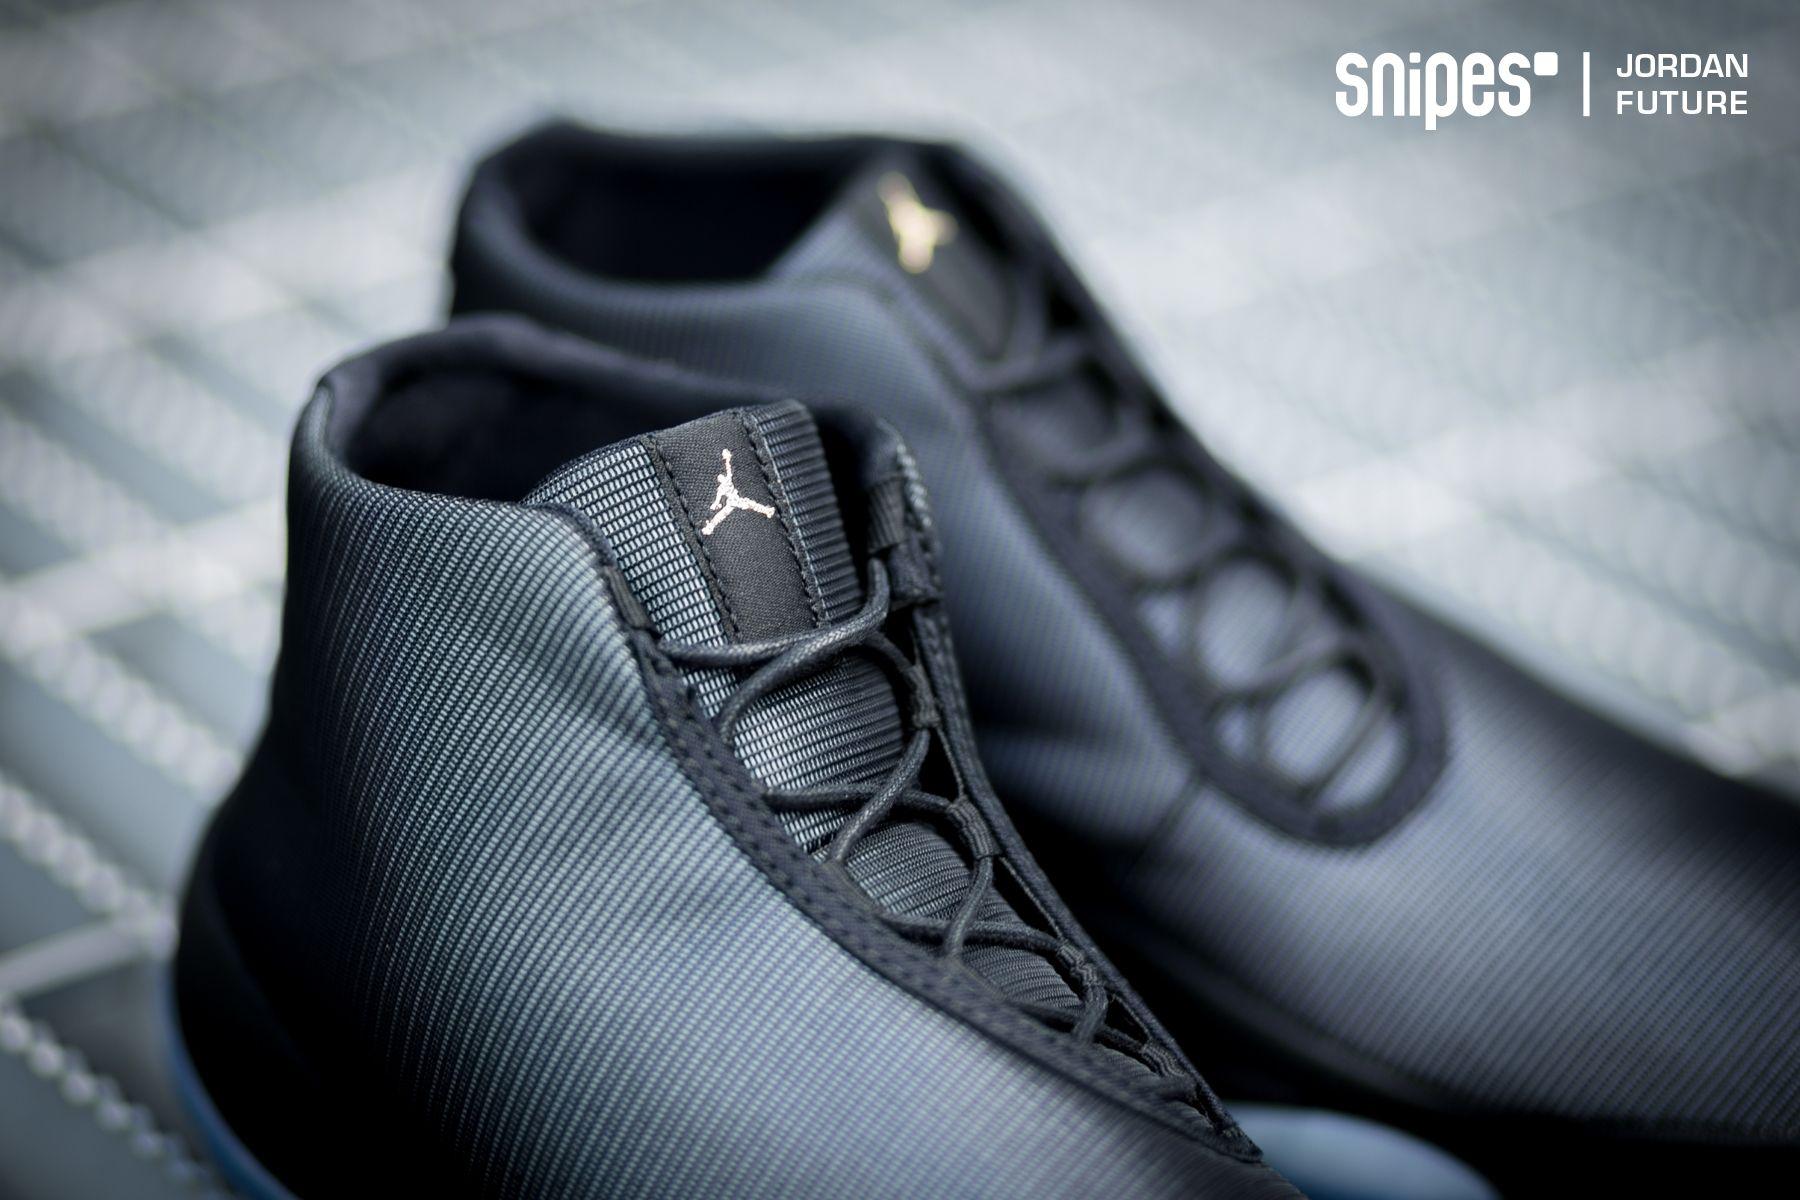 Der Air Jordan Future Black3m Erscheint Am Samstag 05 Juli